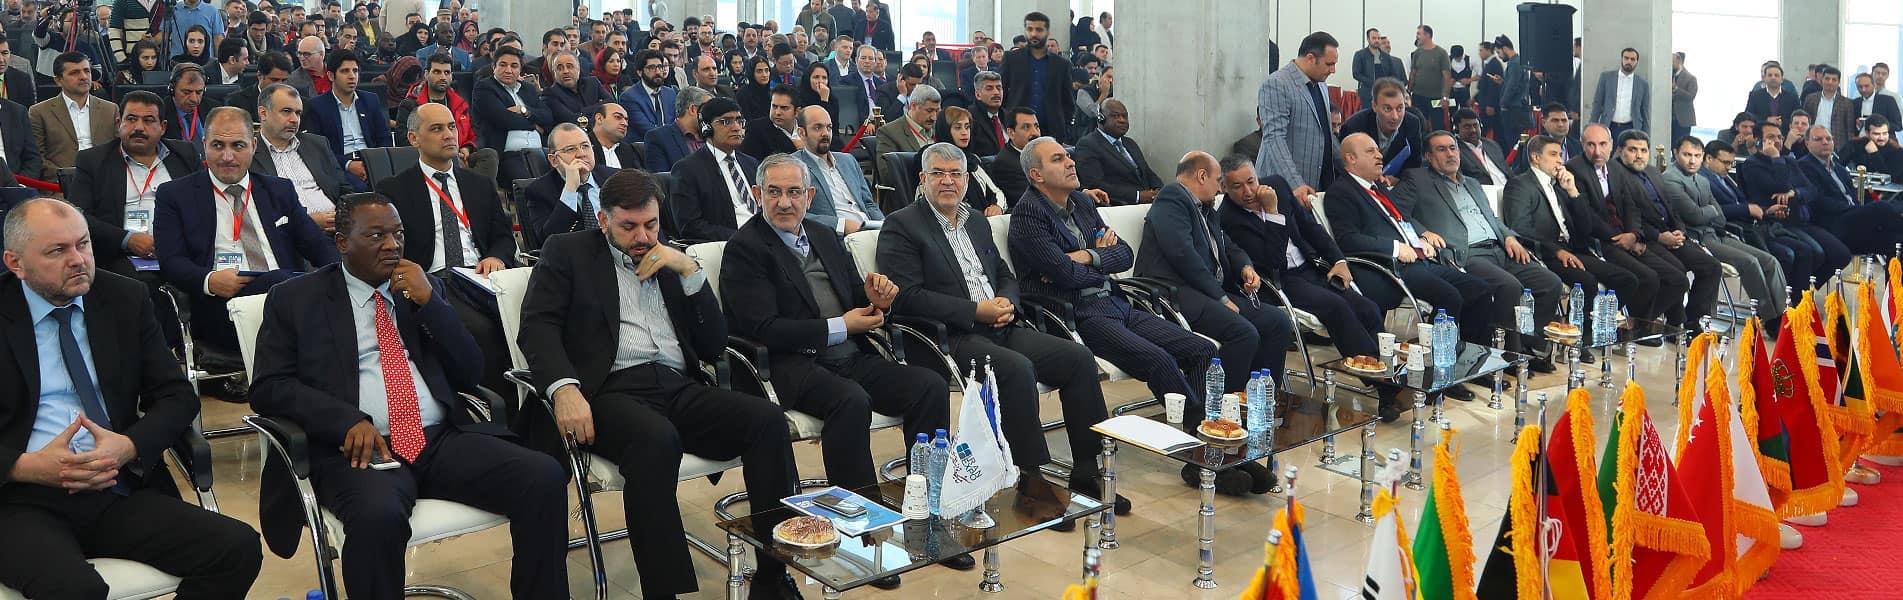 (Opening Ceremony (Iran Expo 2018